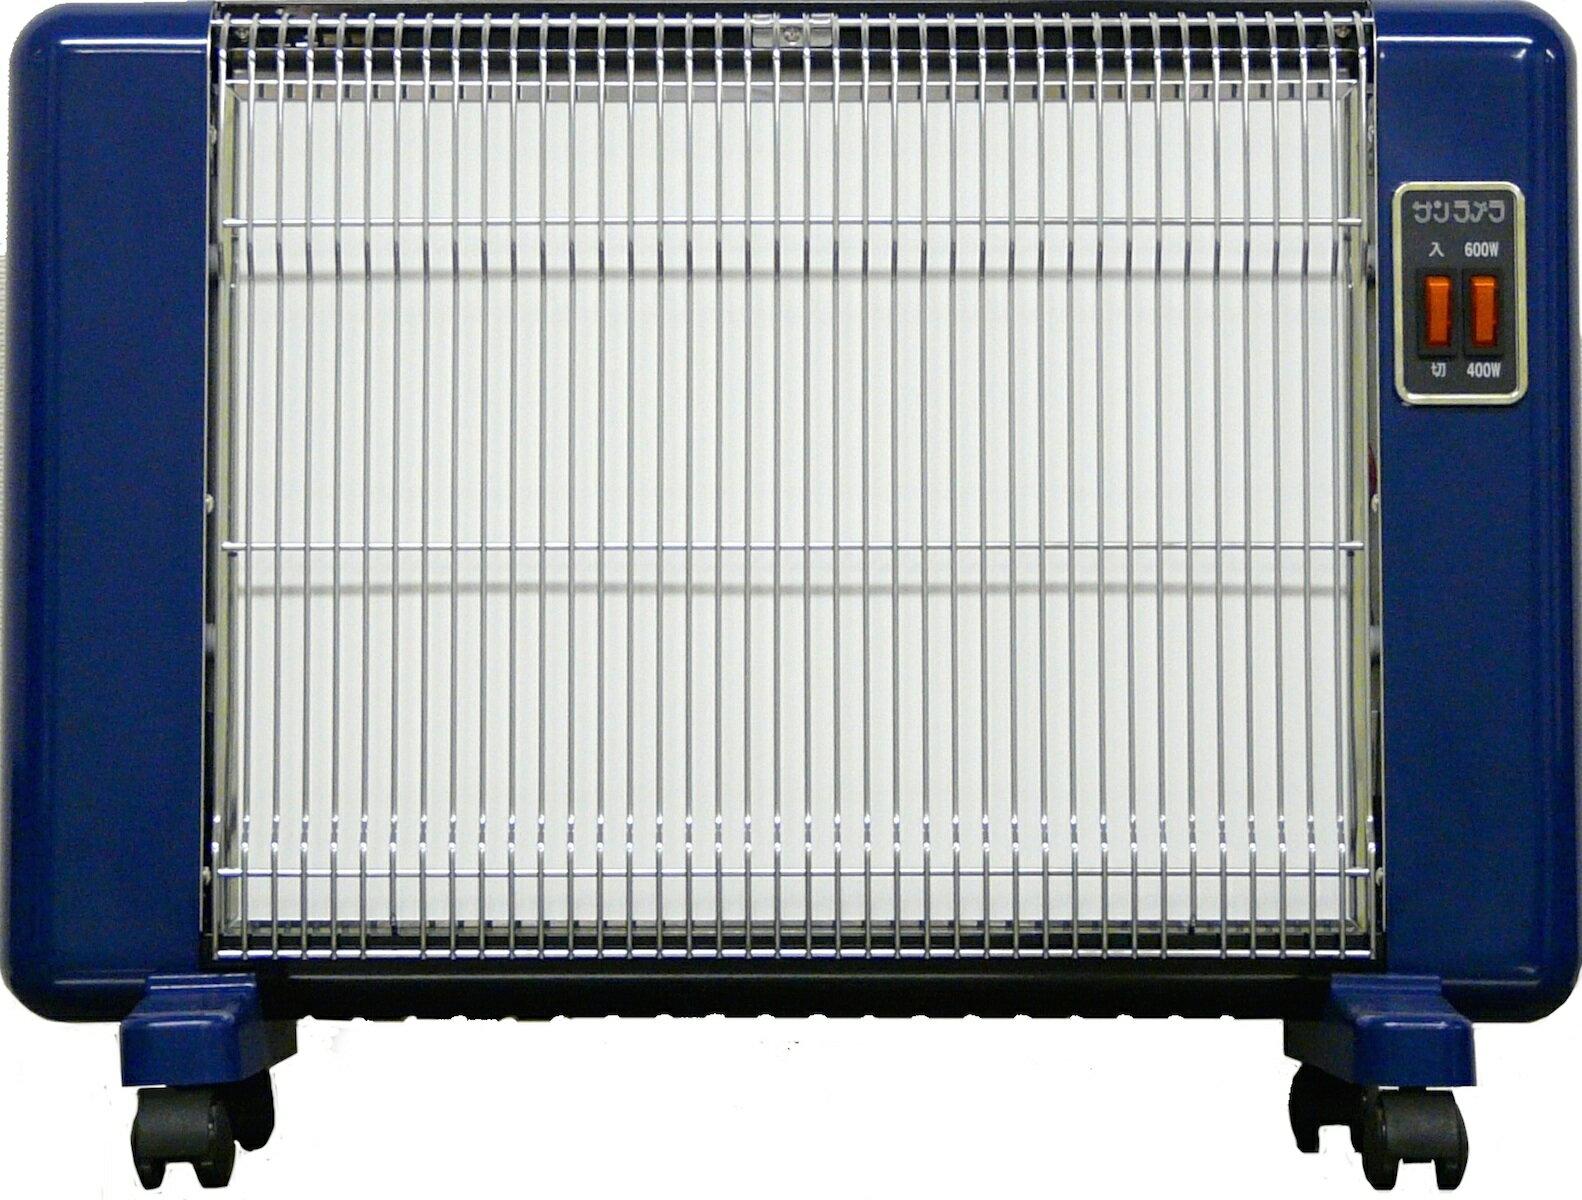 遠赤外線輻射式セラミックヒーター サンラメラ600W型 Nブルー